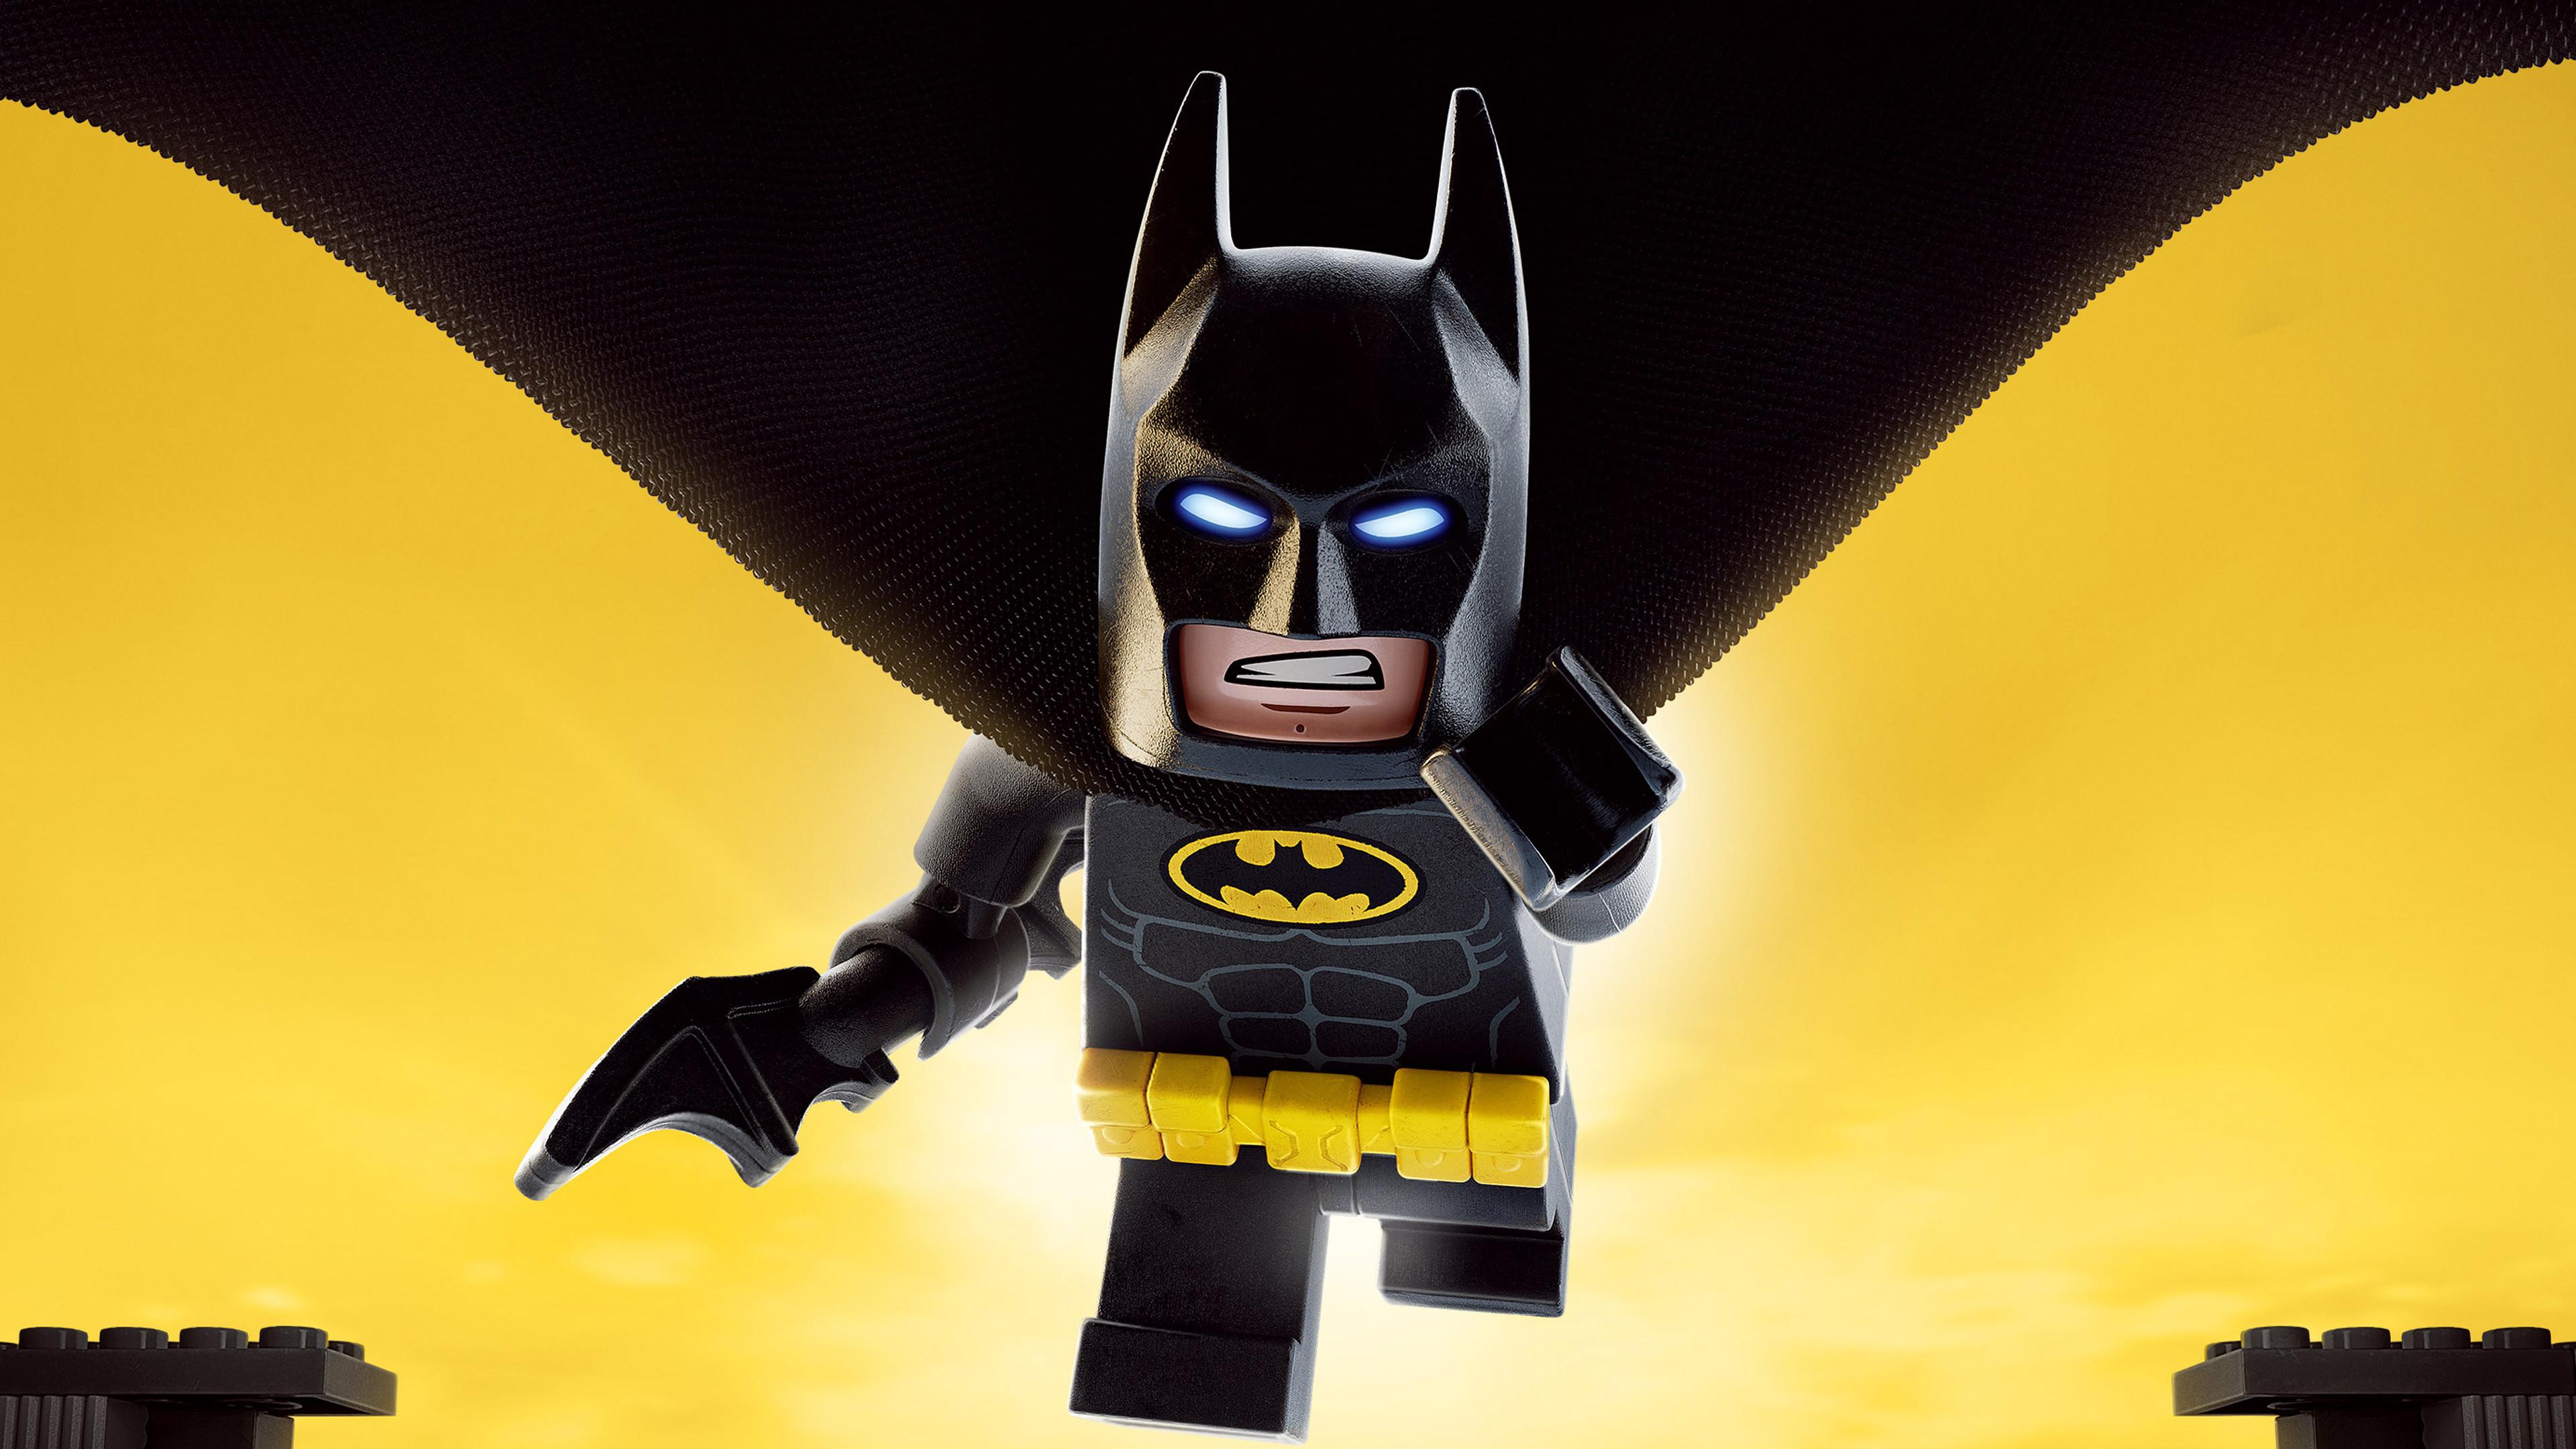 Видео урок: Как сделать Lego Бэтмена своими руками 72